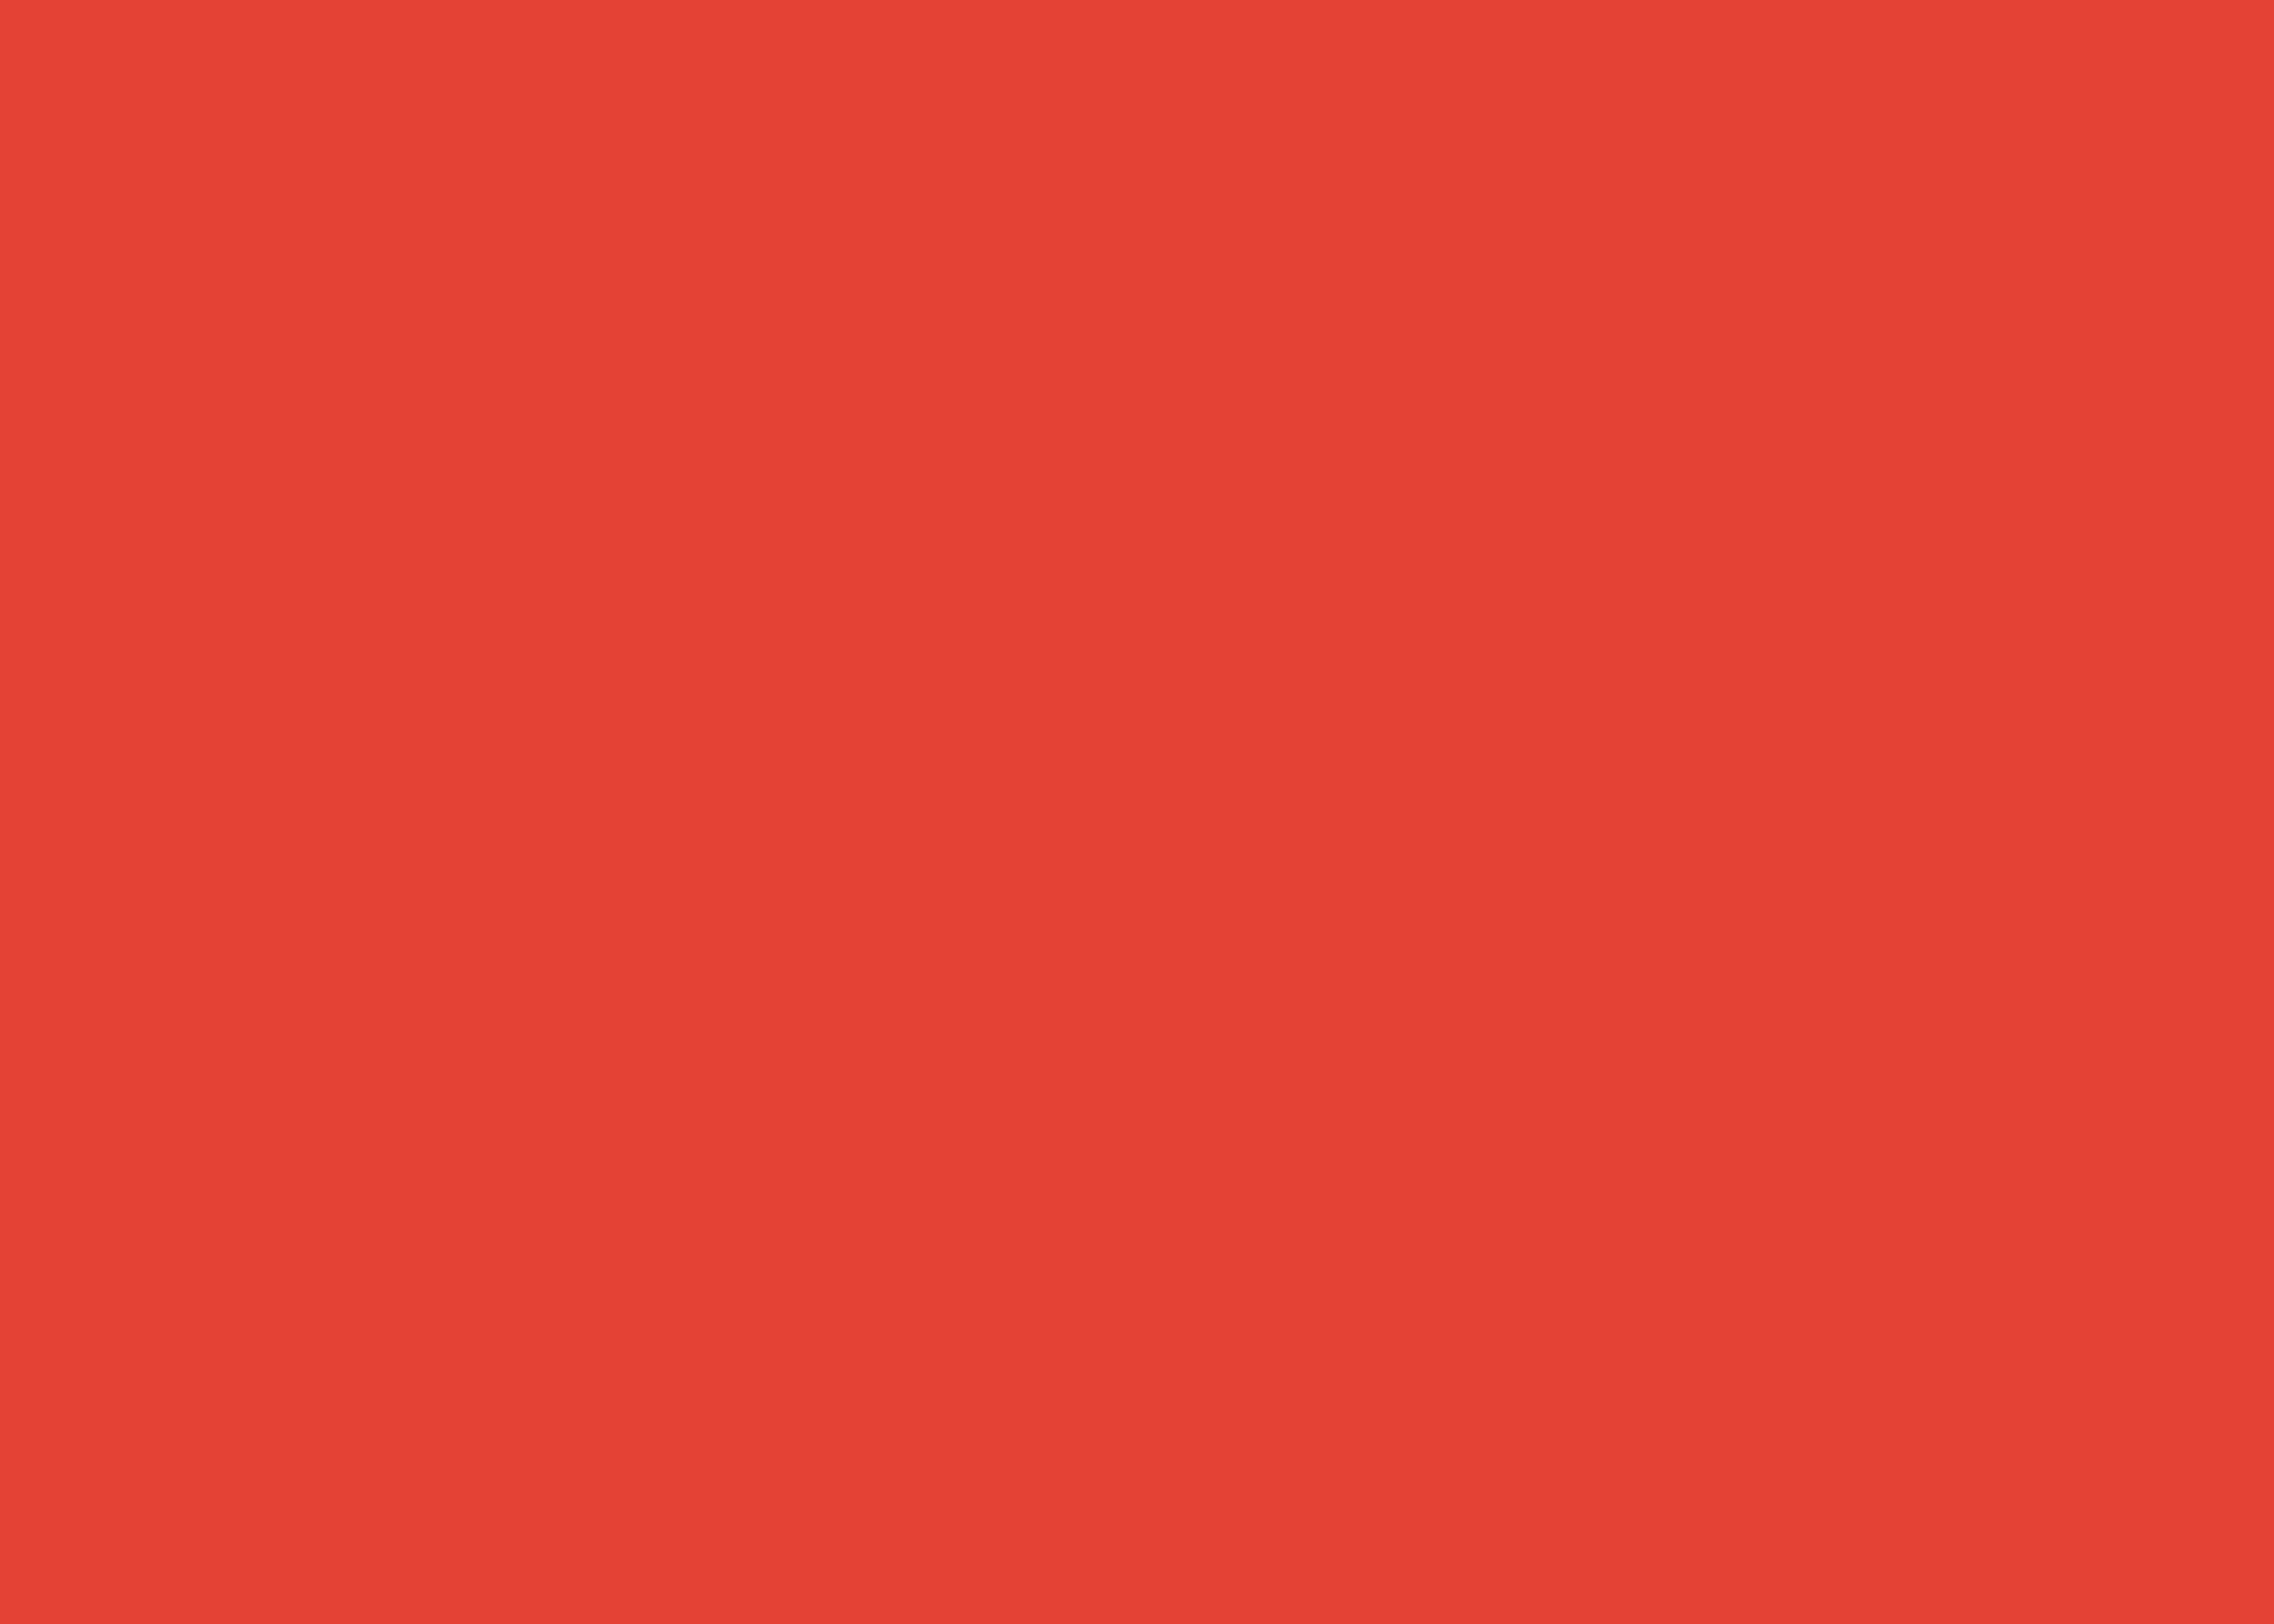 #Vermillion (Color) Color Coordinates Hex Triplet #E34234 Srgbb (R, G